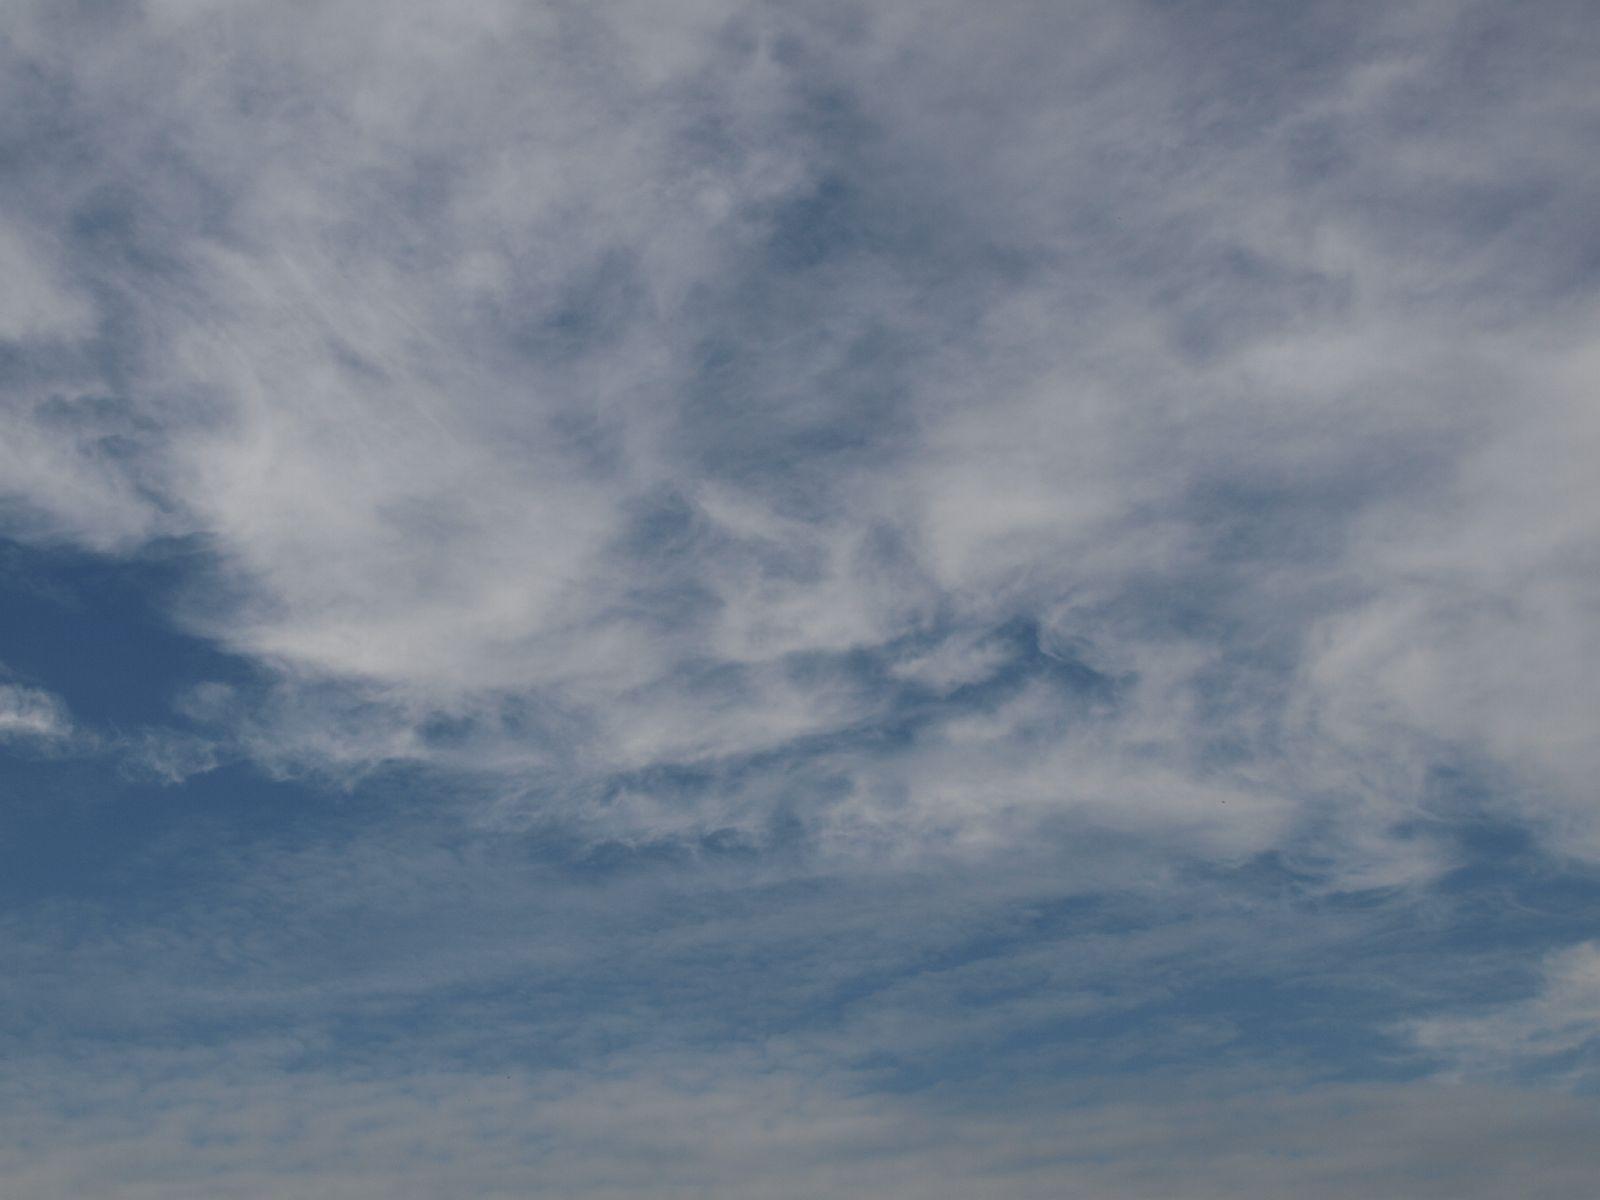 Himmel-Wolken-Foto_Textur_A_P9194987